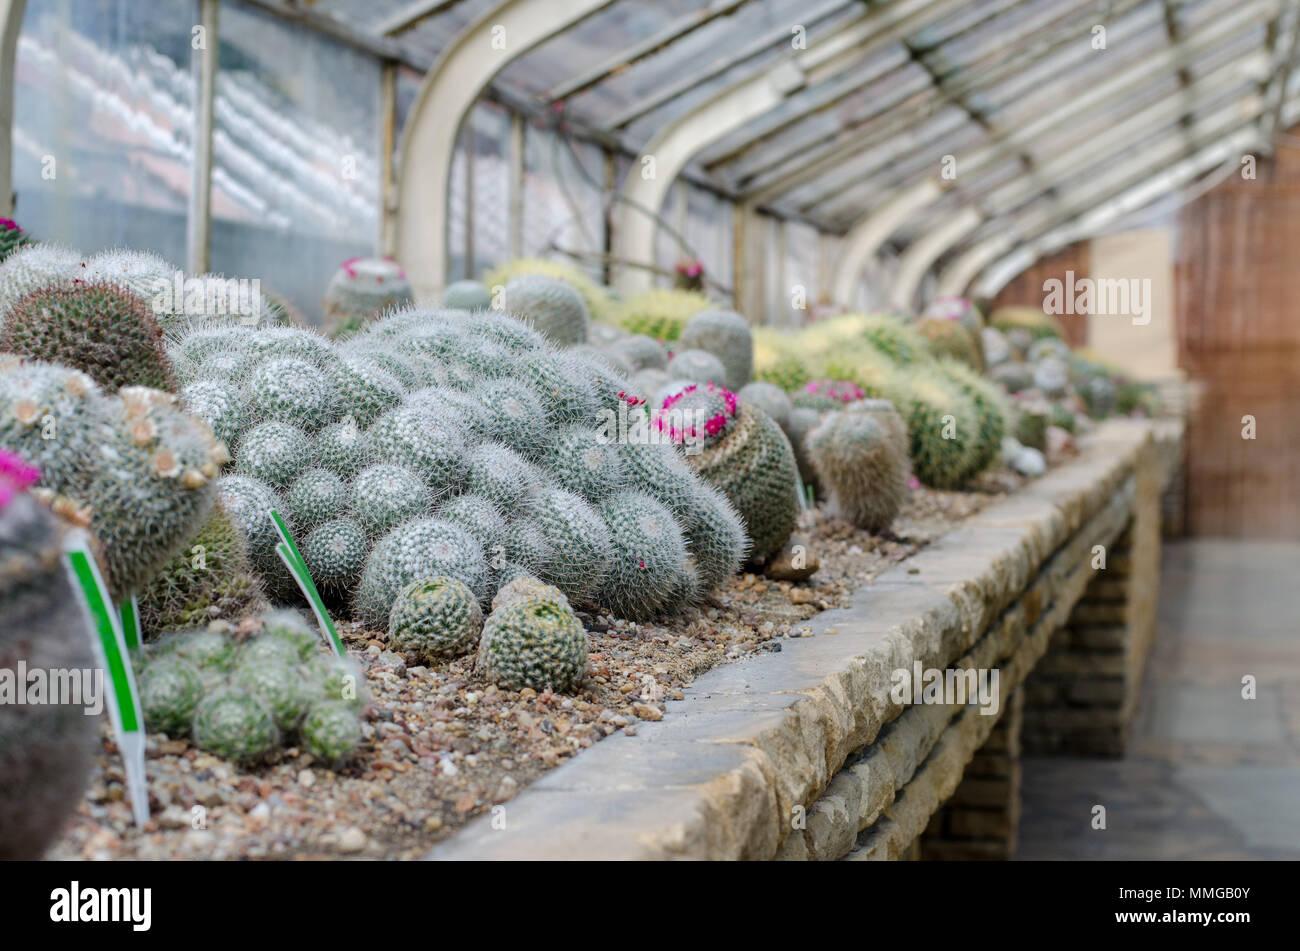 Kaktus Im Gewachshaus Stockfotos Kaktus Im Gewachshaus Bilder Alamy